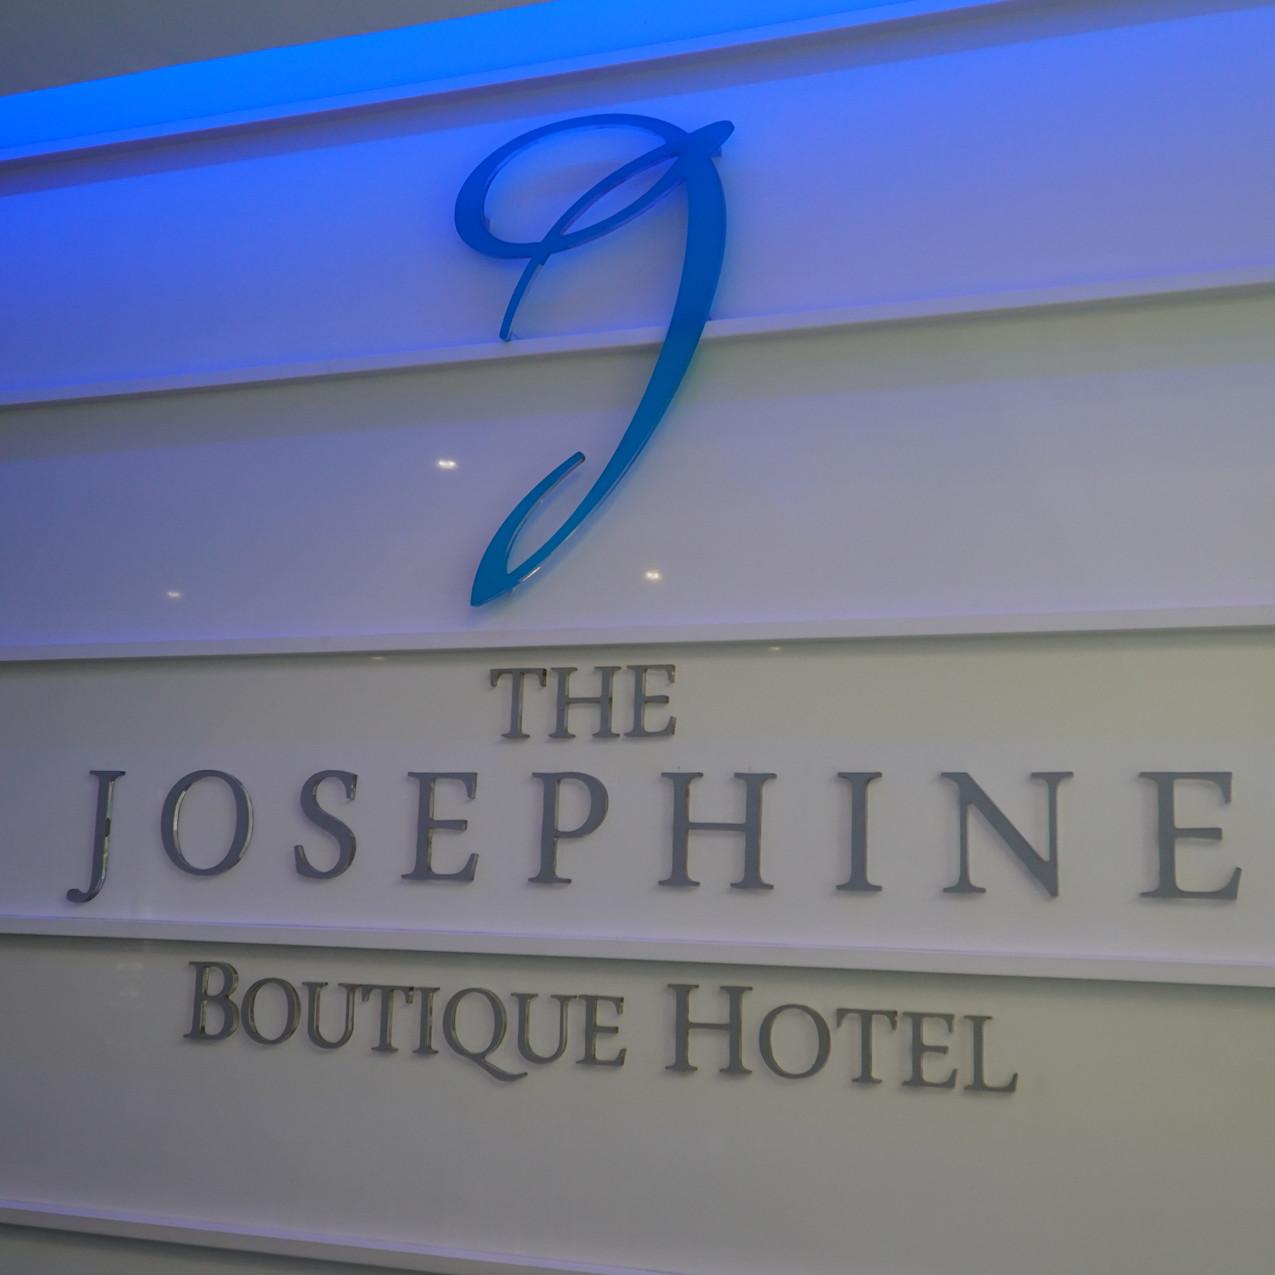 Josephine Boutique Hotel